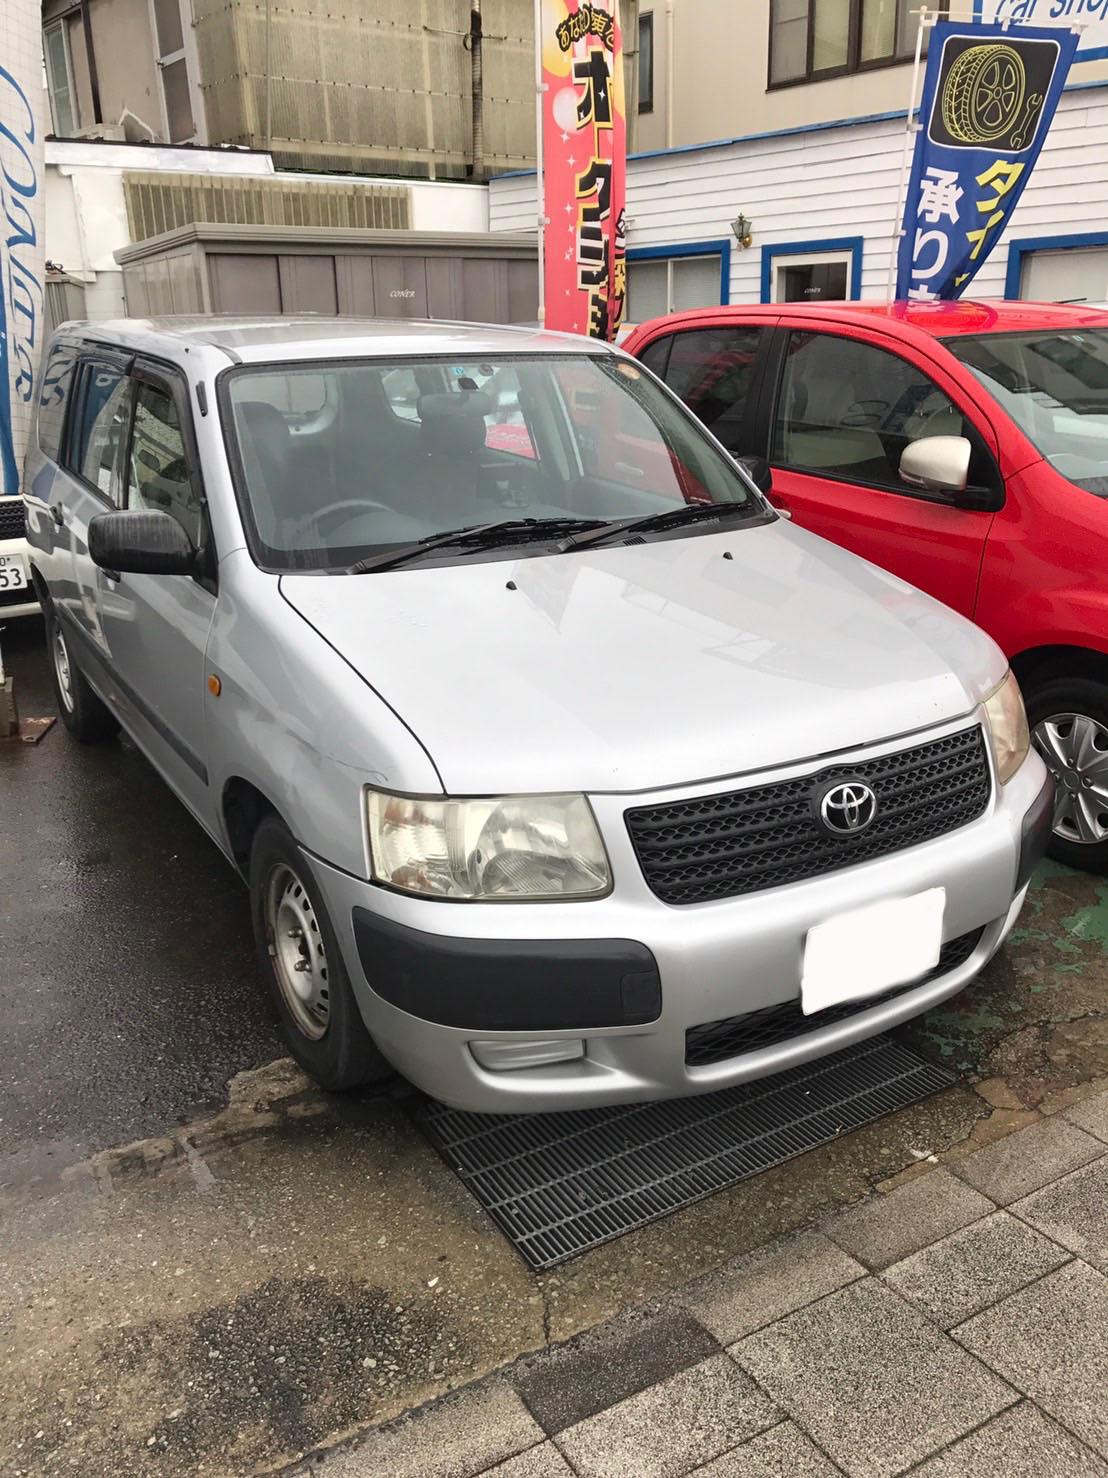 カーリース 兵庫県 尼崎市のK様 トヨタプロボックス ご契約頂きましたのアイキャッチ画像